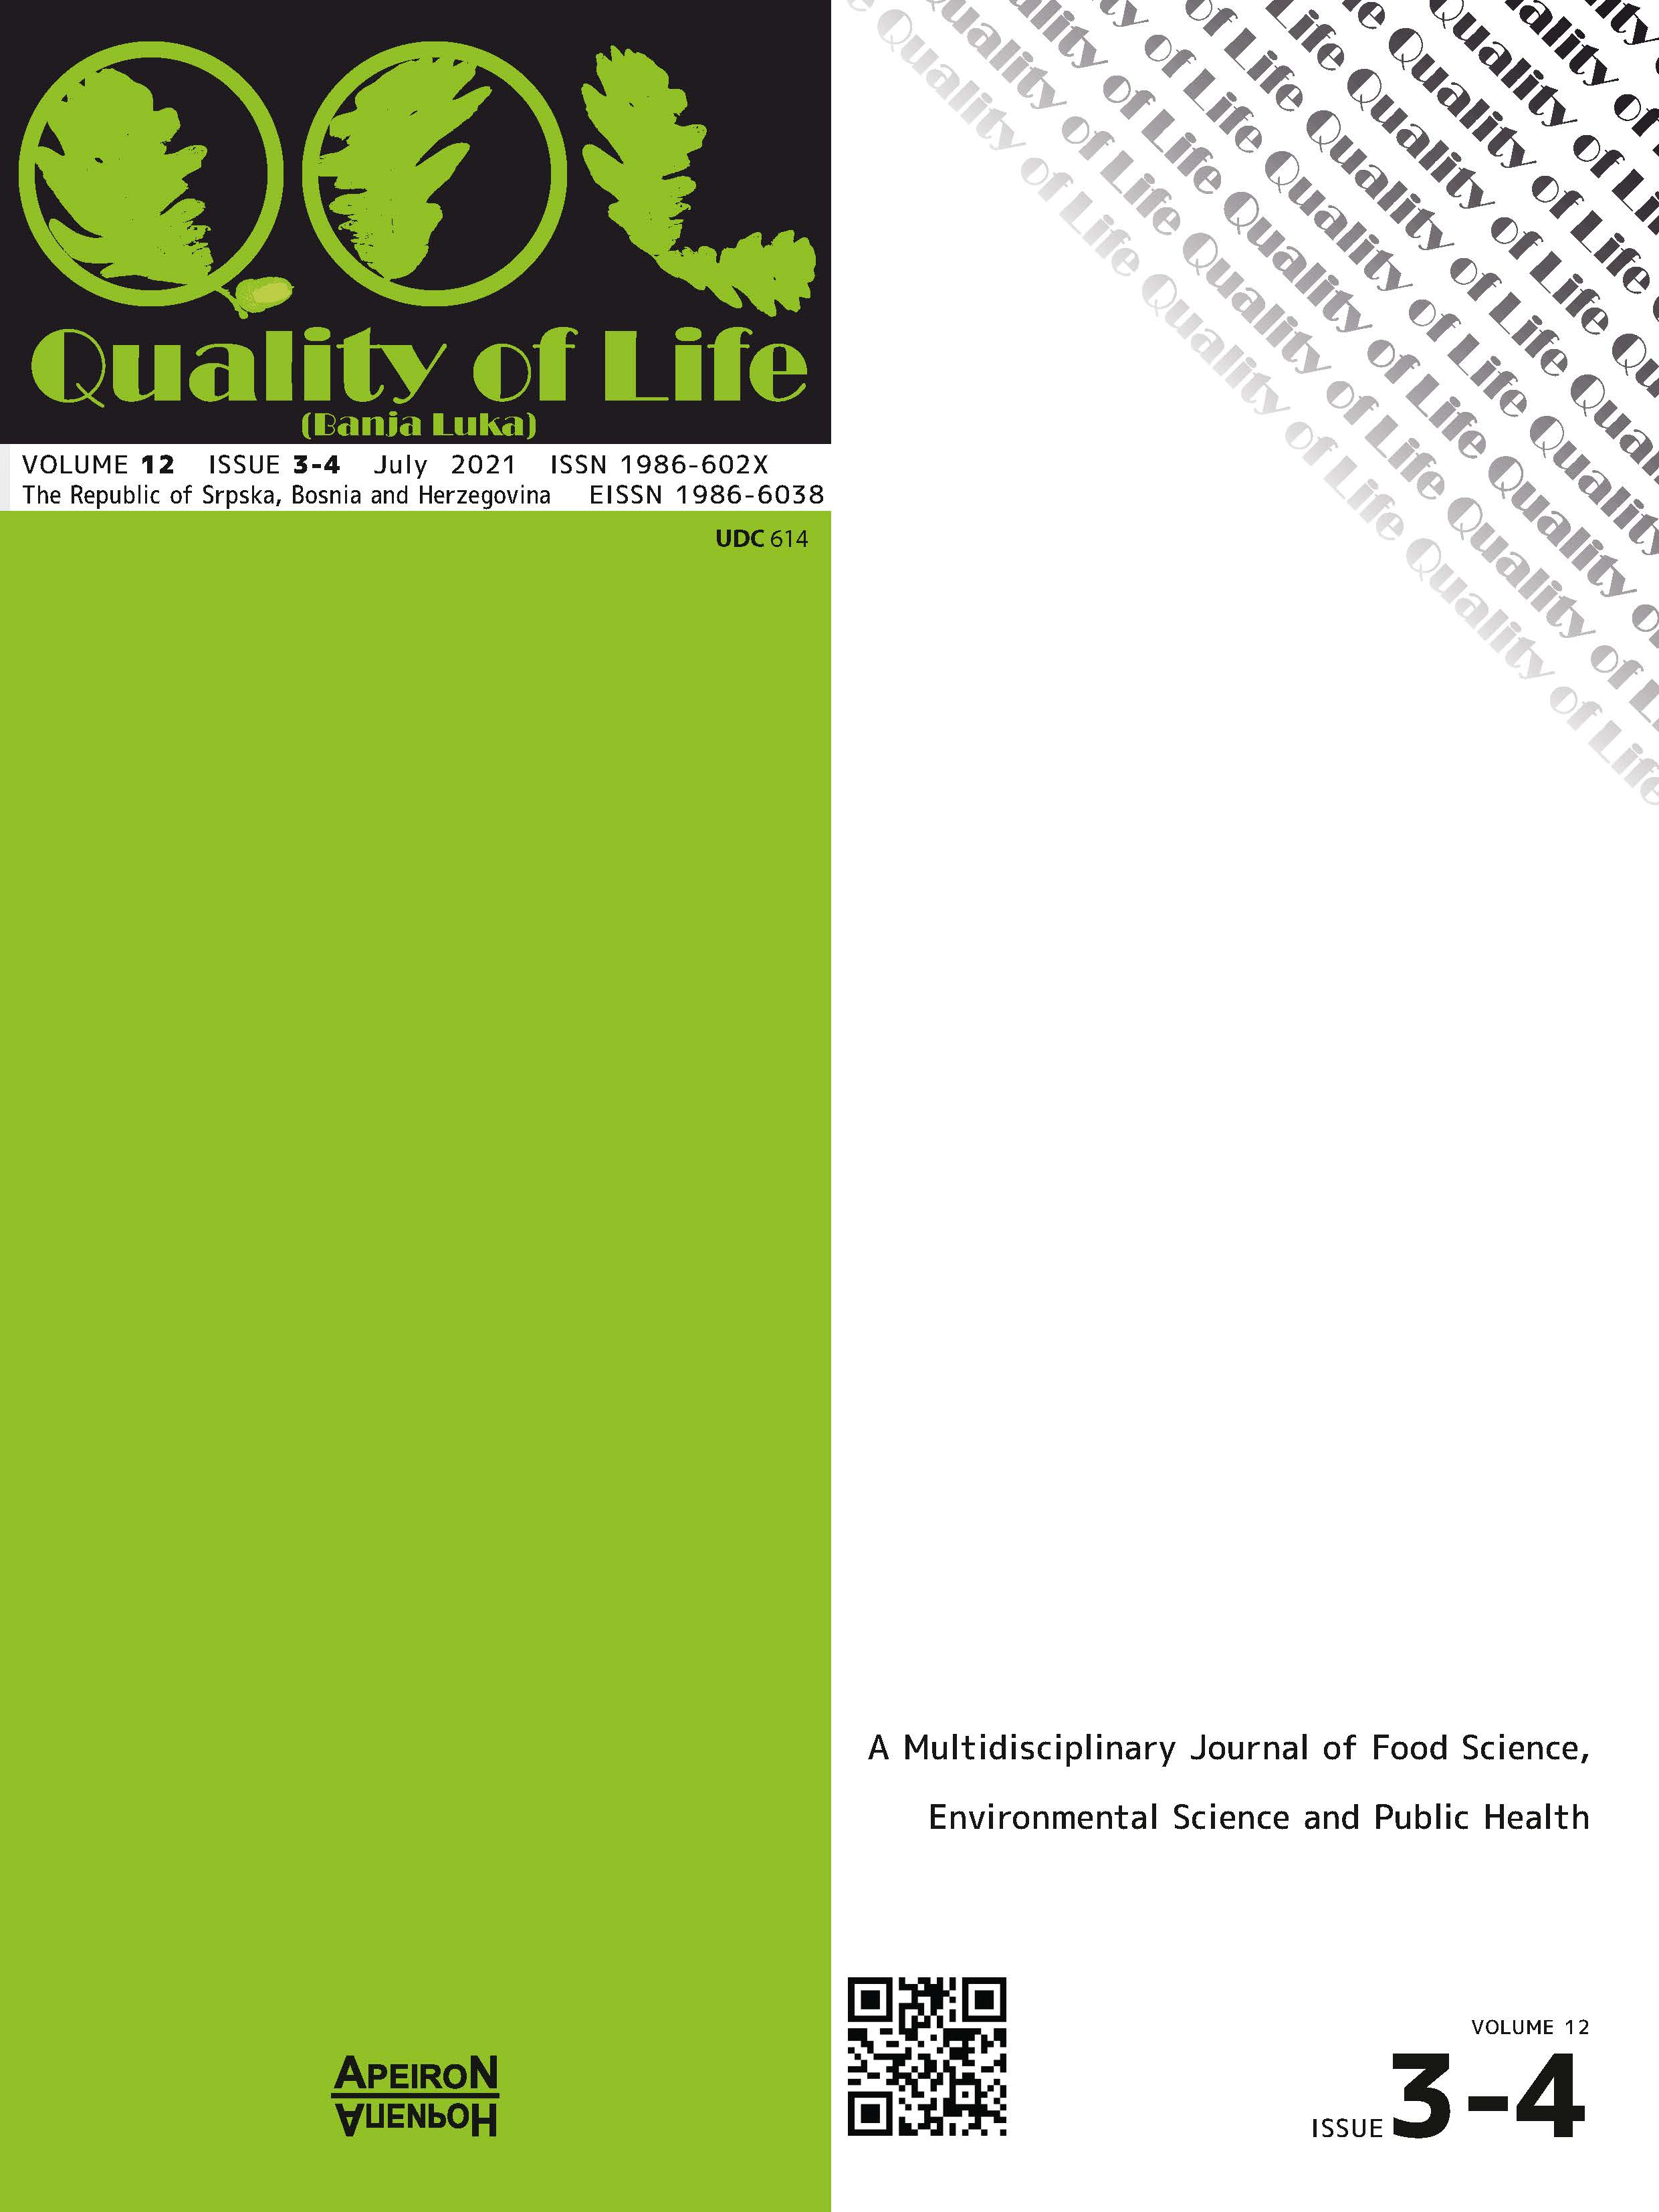 View Vol. 21 No. 3-4 (2021): QUALITY OF LIFE (Banja Luka) - APEIRON